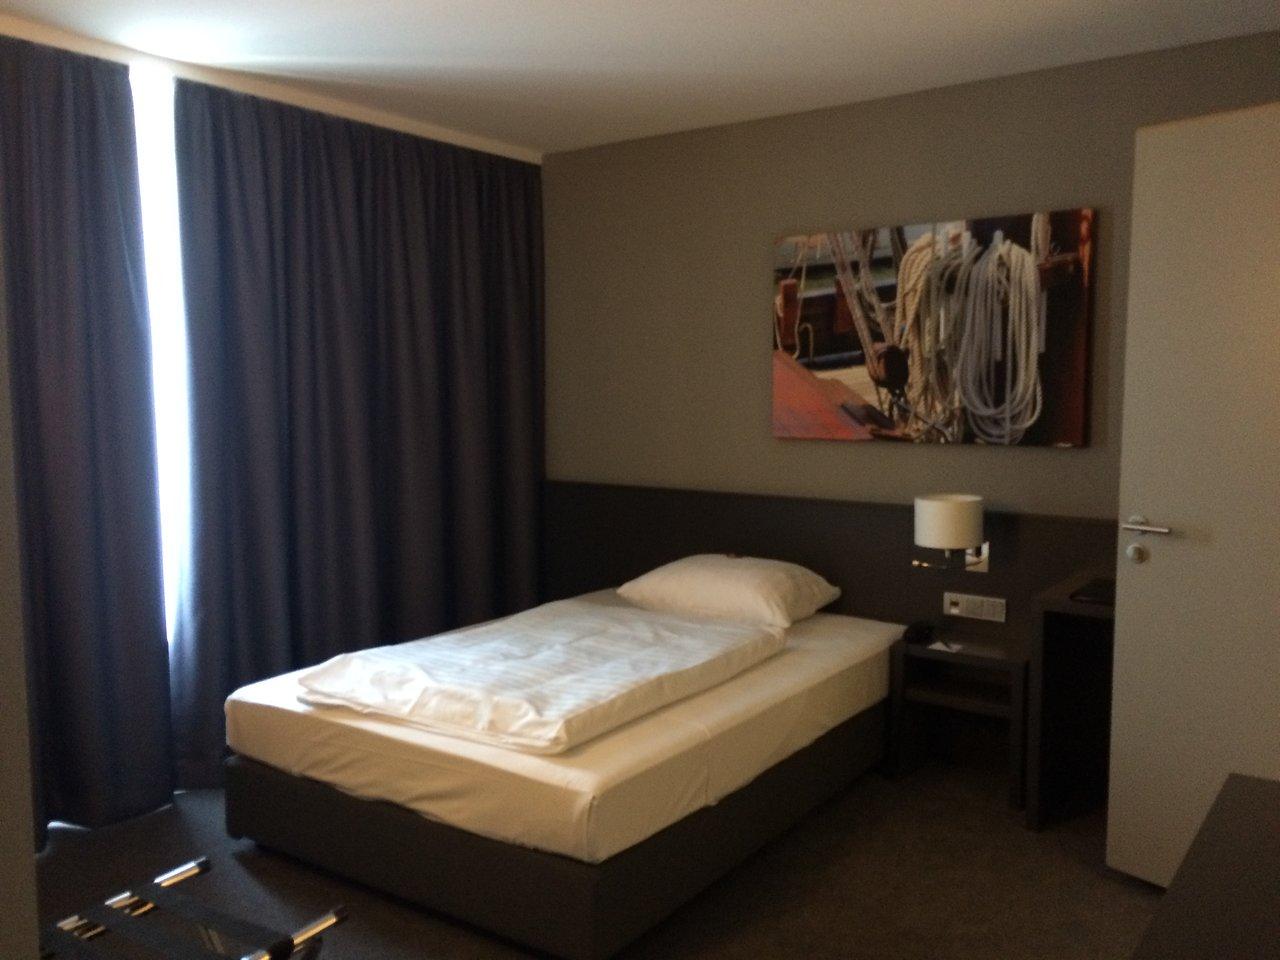 Esszimmer vegesack best luxus esszimmer by kfer bmw welt with esszimmer vegesack das kleine - Esszimmer bremen ...